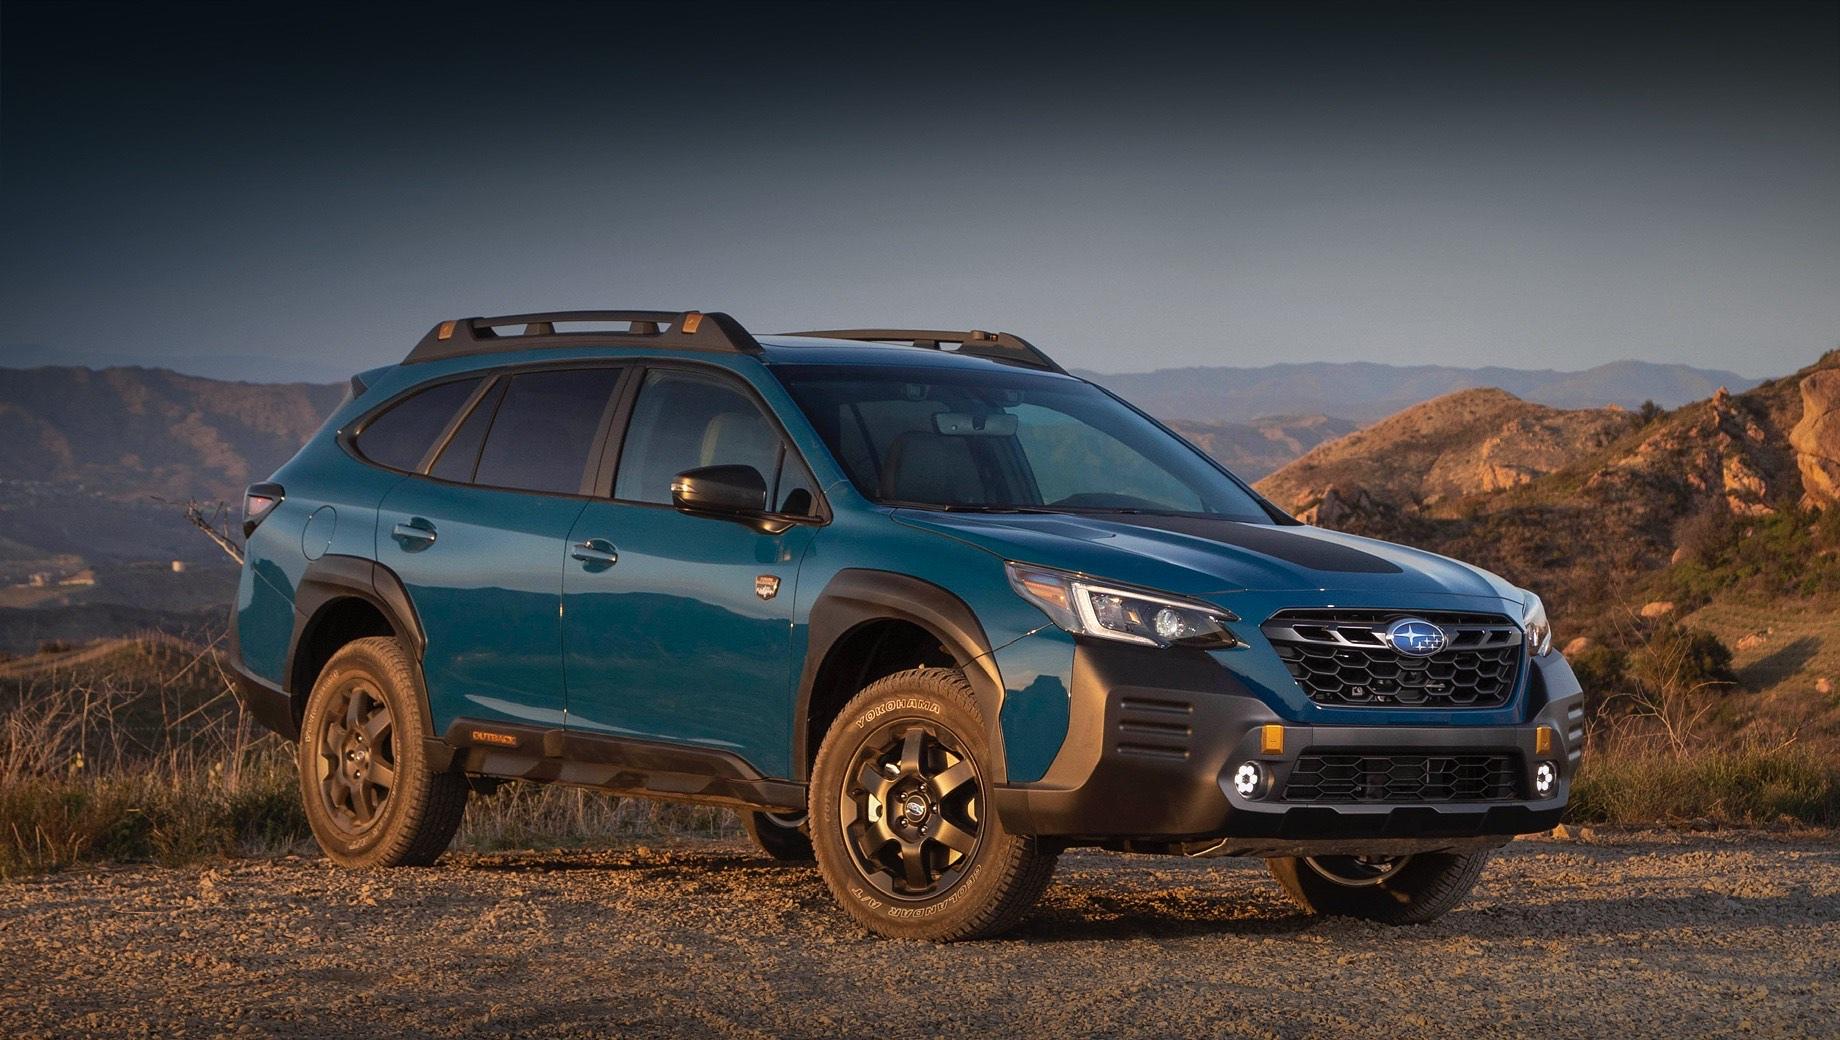 Subaru outback,Subaru outback wilderness. Subaru Outback Wilderness отличается от собратьев иными бамперами и передними противотуманными фарами, оригинальными решёткой радиатора и рейлингами, а также матовой наклейкой на капоте. Новые чёрные легкосплавные колёса обуты в шины Yokohama Geolander на 17 дюймов.